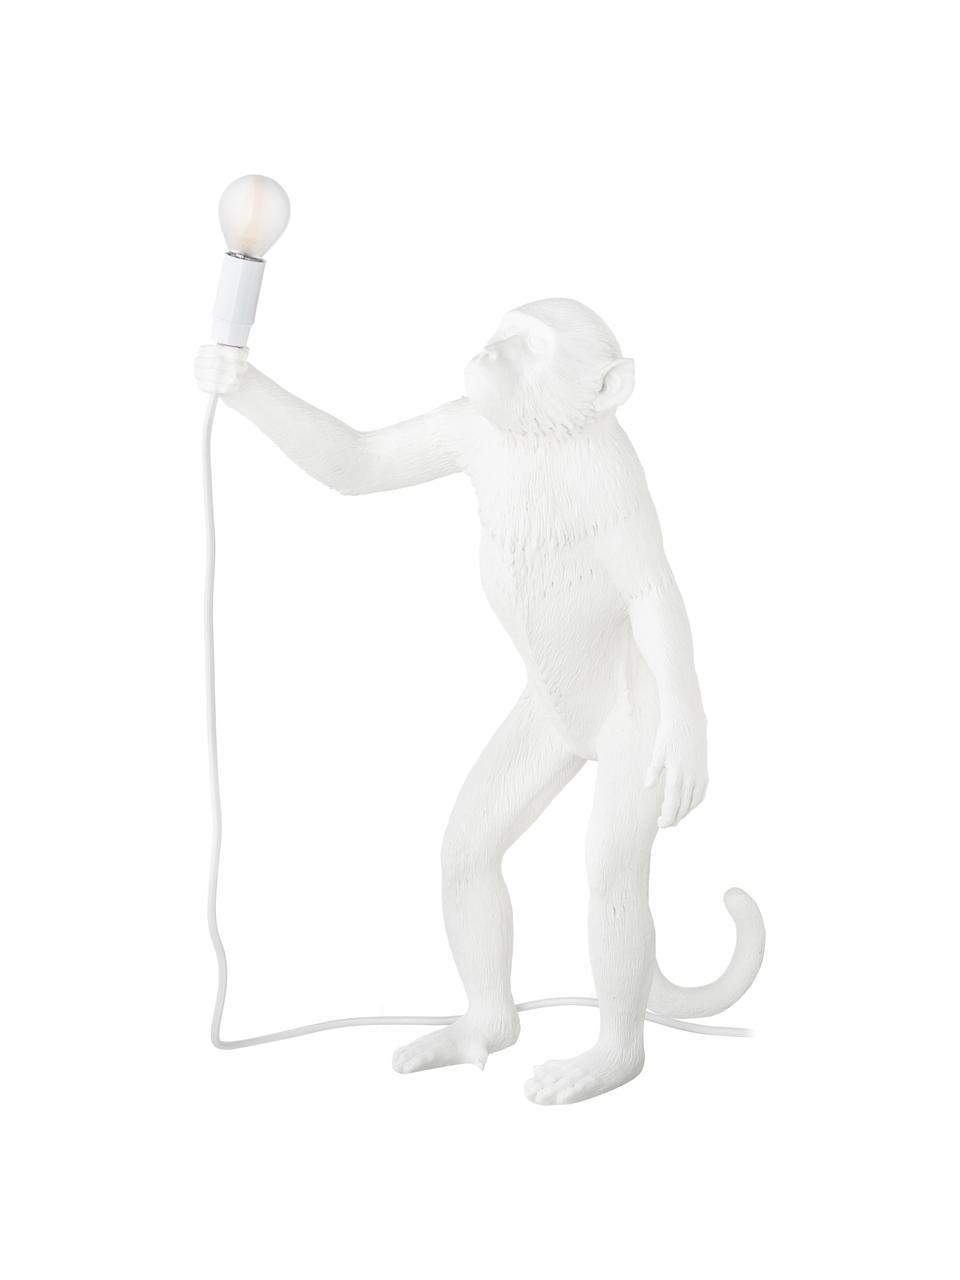 Große Design Tischlampe Monkey, Weiß, 46 x 54 cm